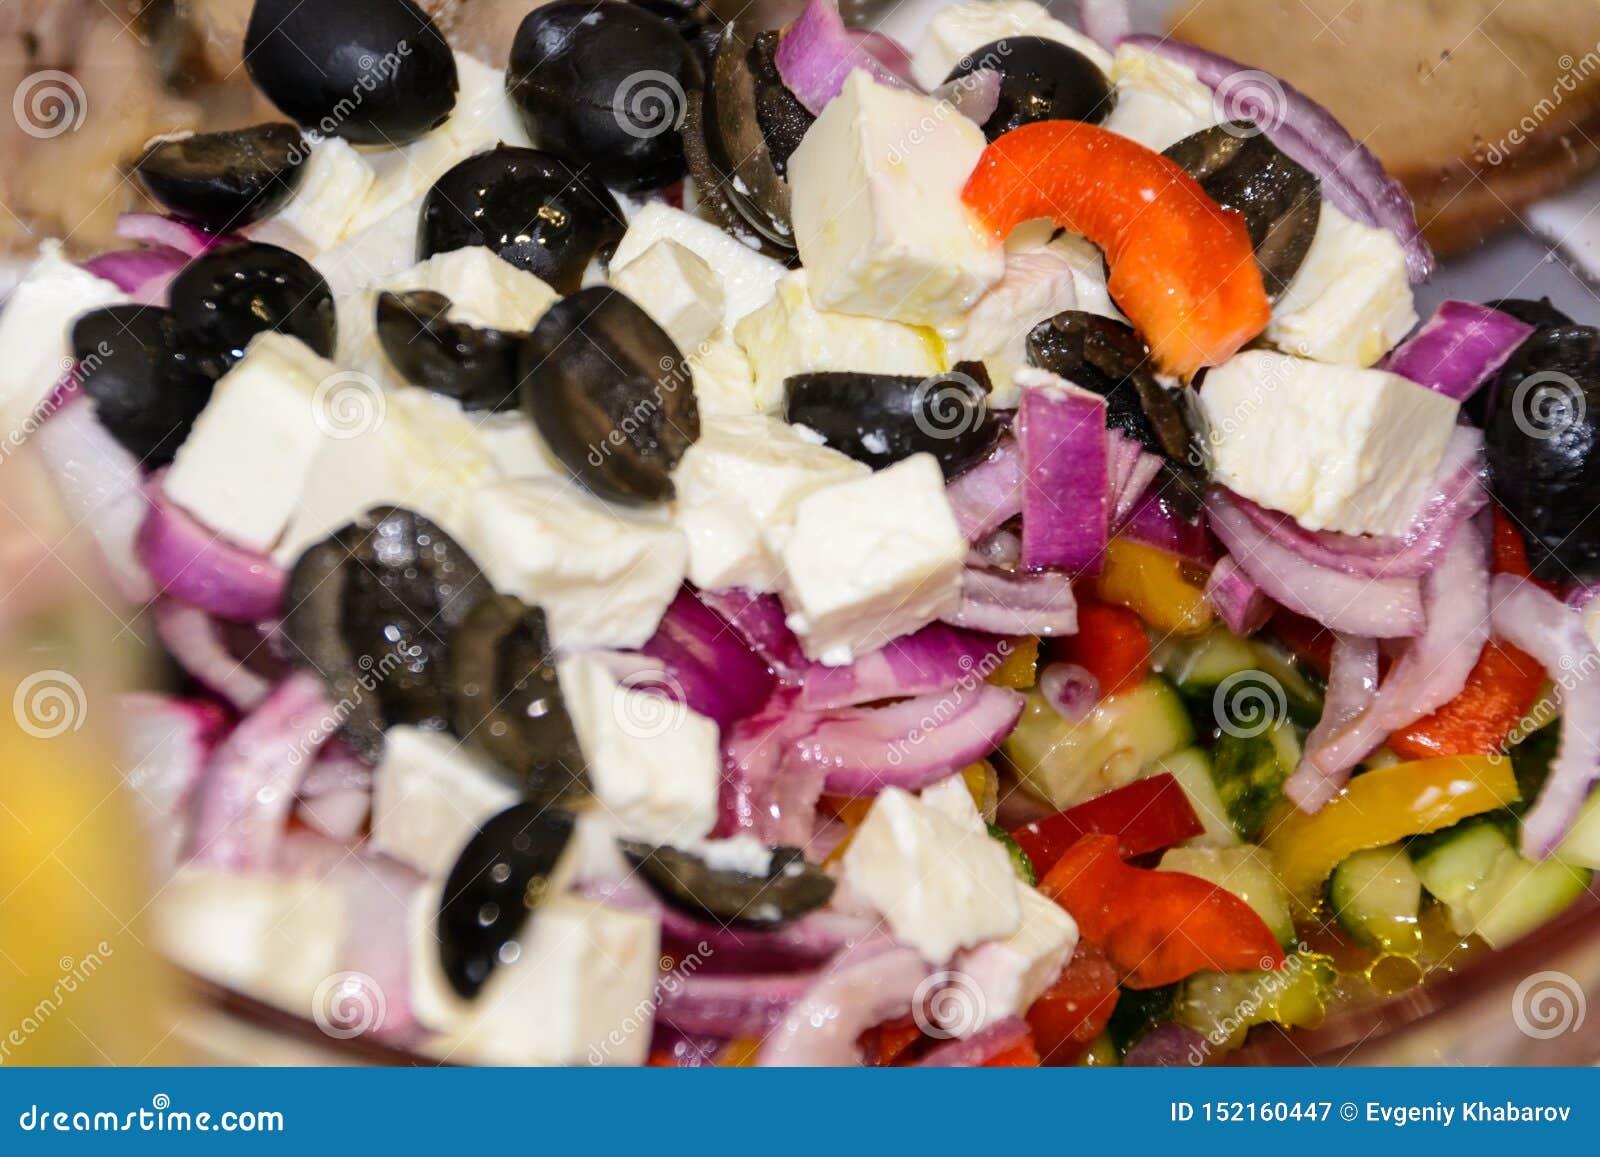 Salada grega, no close-up Tomates, azeitonas pretas, cebolas vermelhas, pepino, alecrins, pimenta doce, queijo de feta e azeite